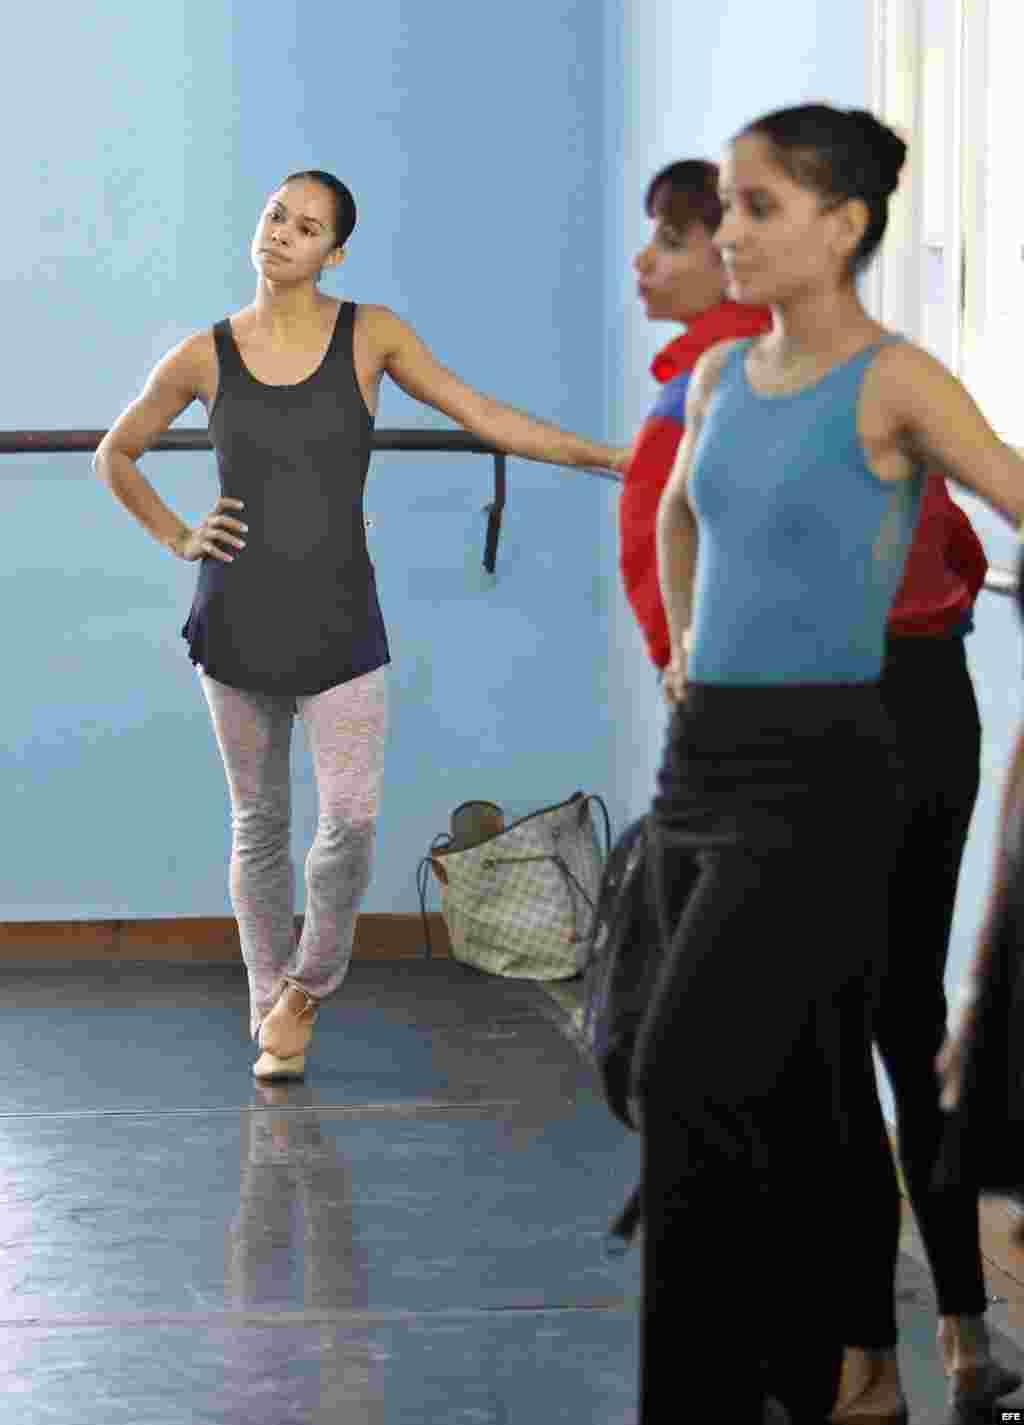 Misty Danielle Copeland (d), primera bailarina afroamericana del American Ballet Theatre, observa un ensayo durante su visita a la sede del Ballet Nacional de Cuba hoy, martes 15 de noviembre del 2016, en La Habana (Cuba). Misty Danielle Copeland visita